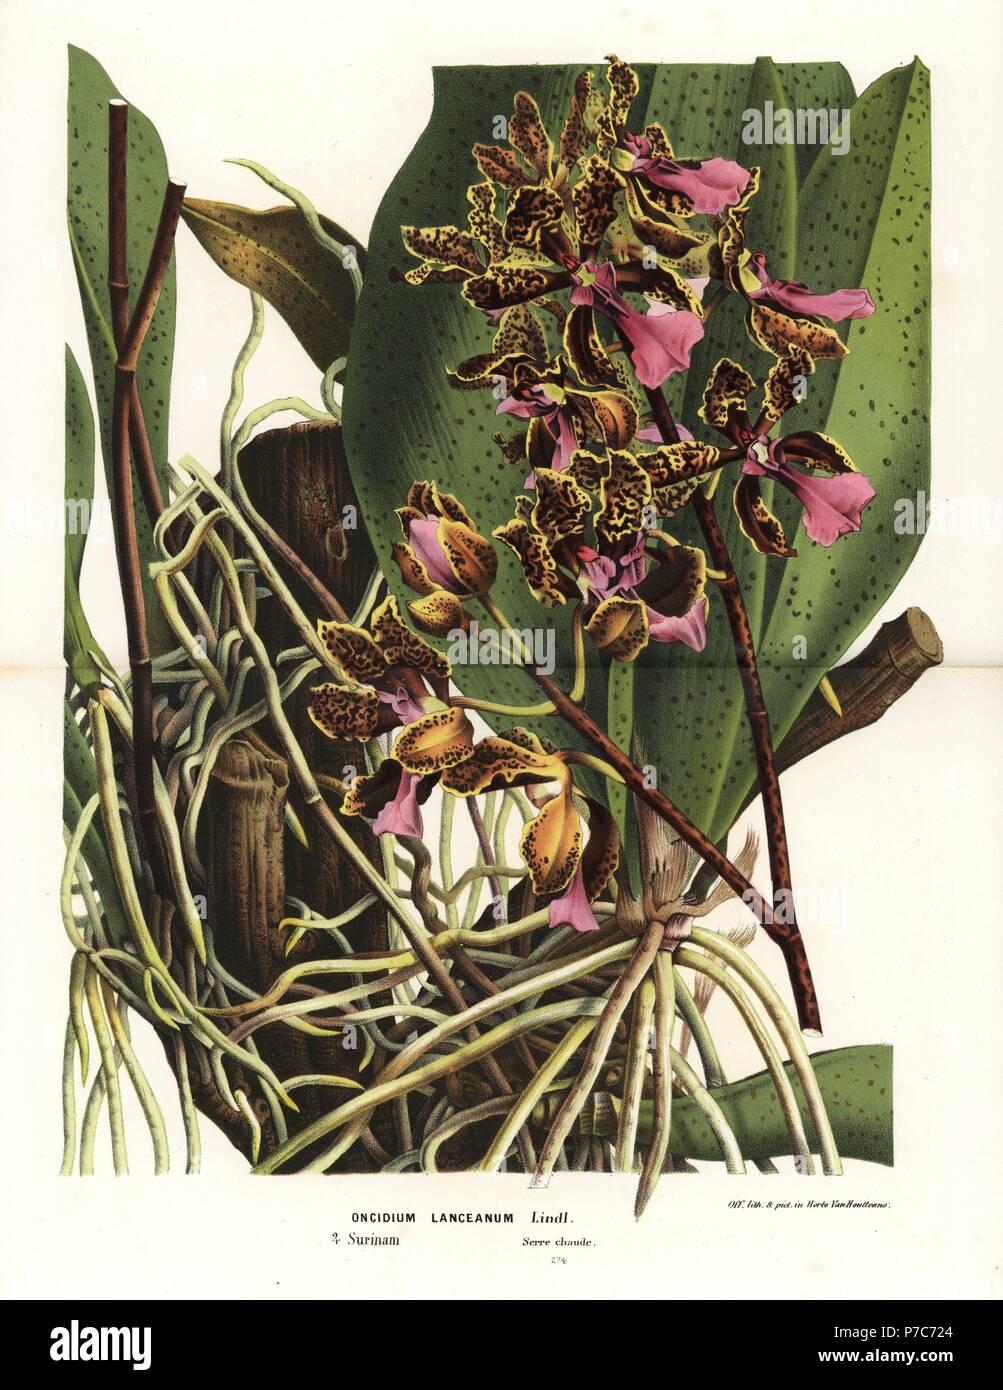 Trichocentrum Lanceanum Orchidee (Oncidium Lanceanum). Suriname ...